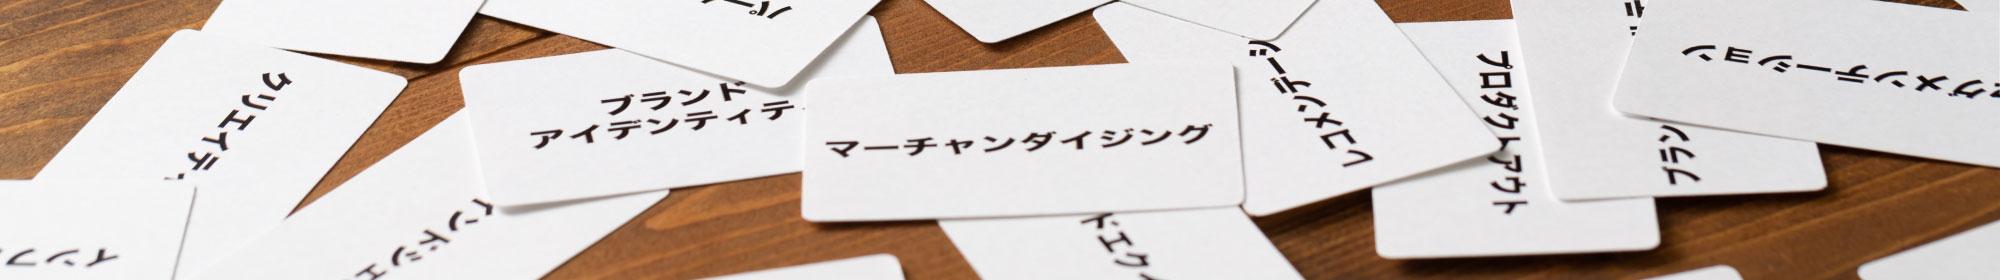 マーケティング・PR翻訳